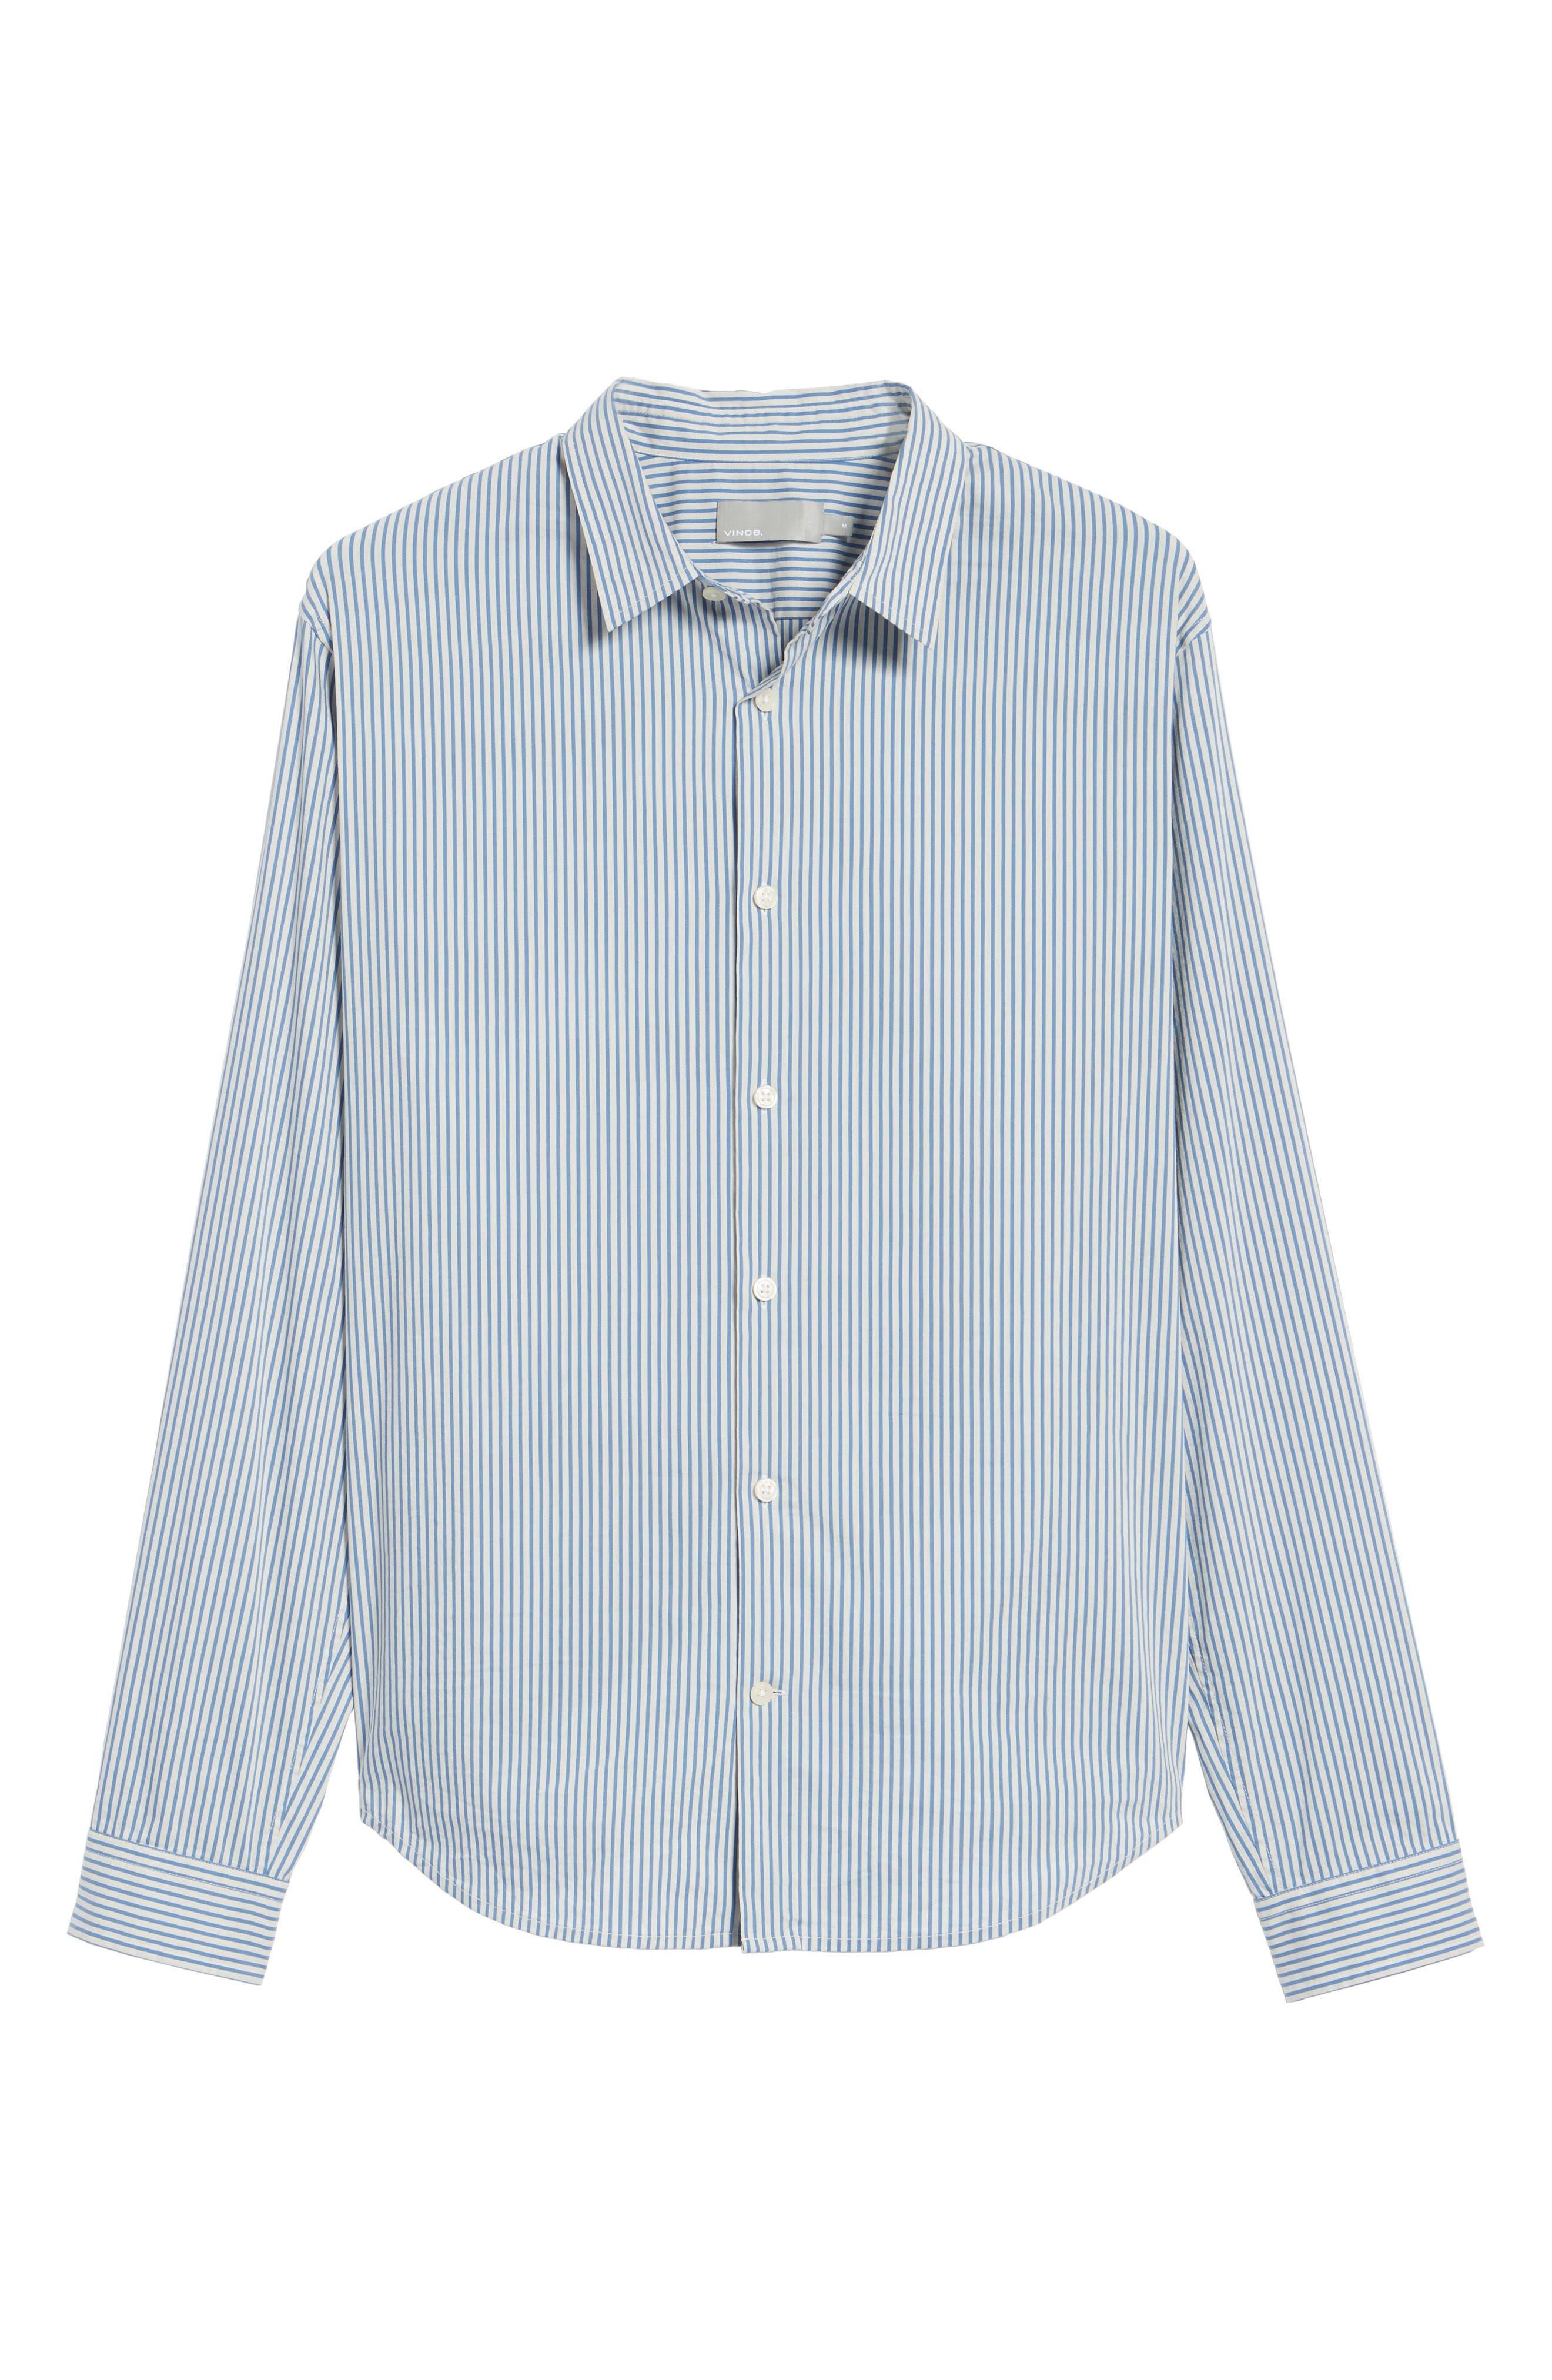 Regular Fit Stripe Sport Shirt,                             Alternate thumbnail 6, color,                             White/ Ocean Blue